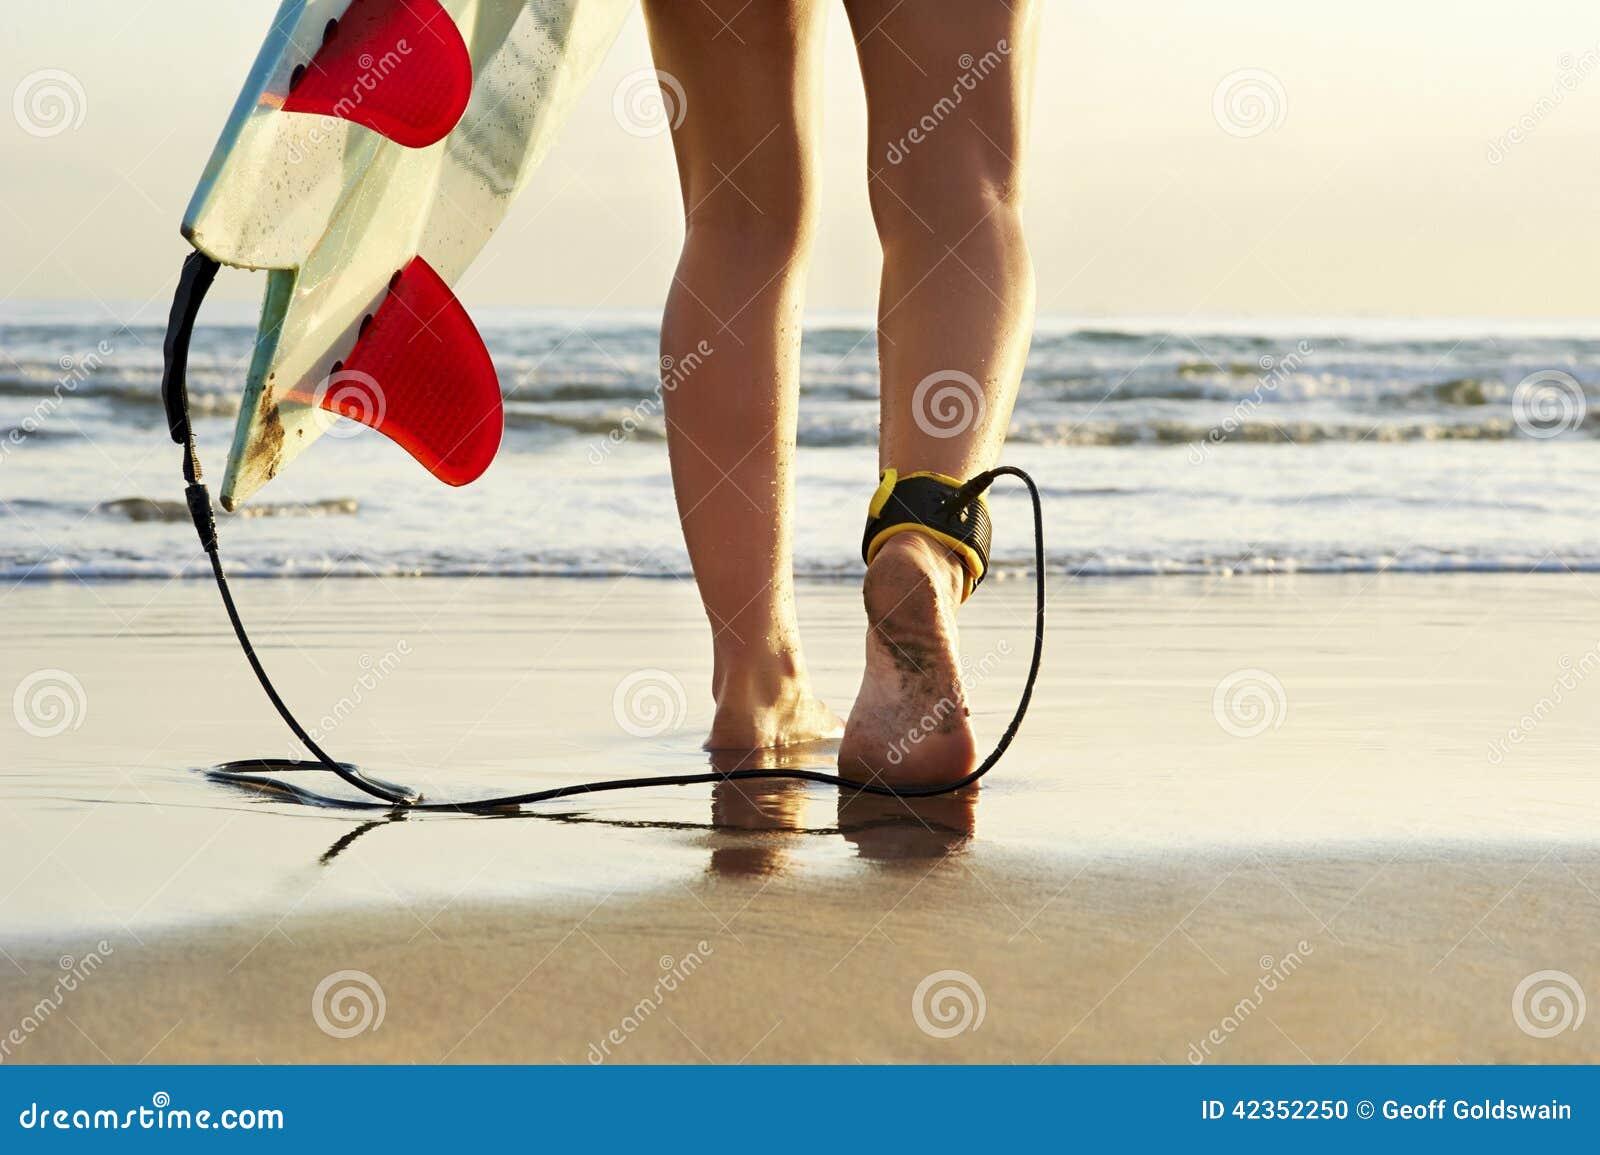 Zamyka w górę widoku surfingowa odprowadzenie wzdłuż plaży w kierunku kipieli